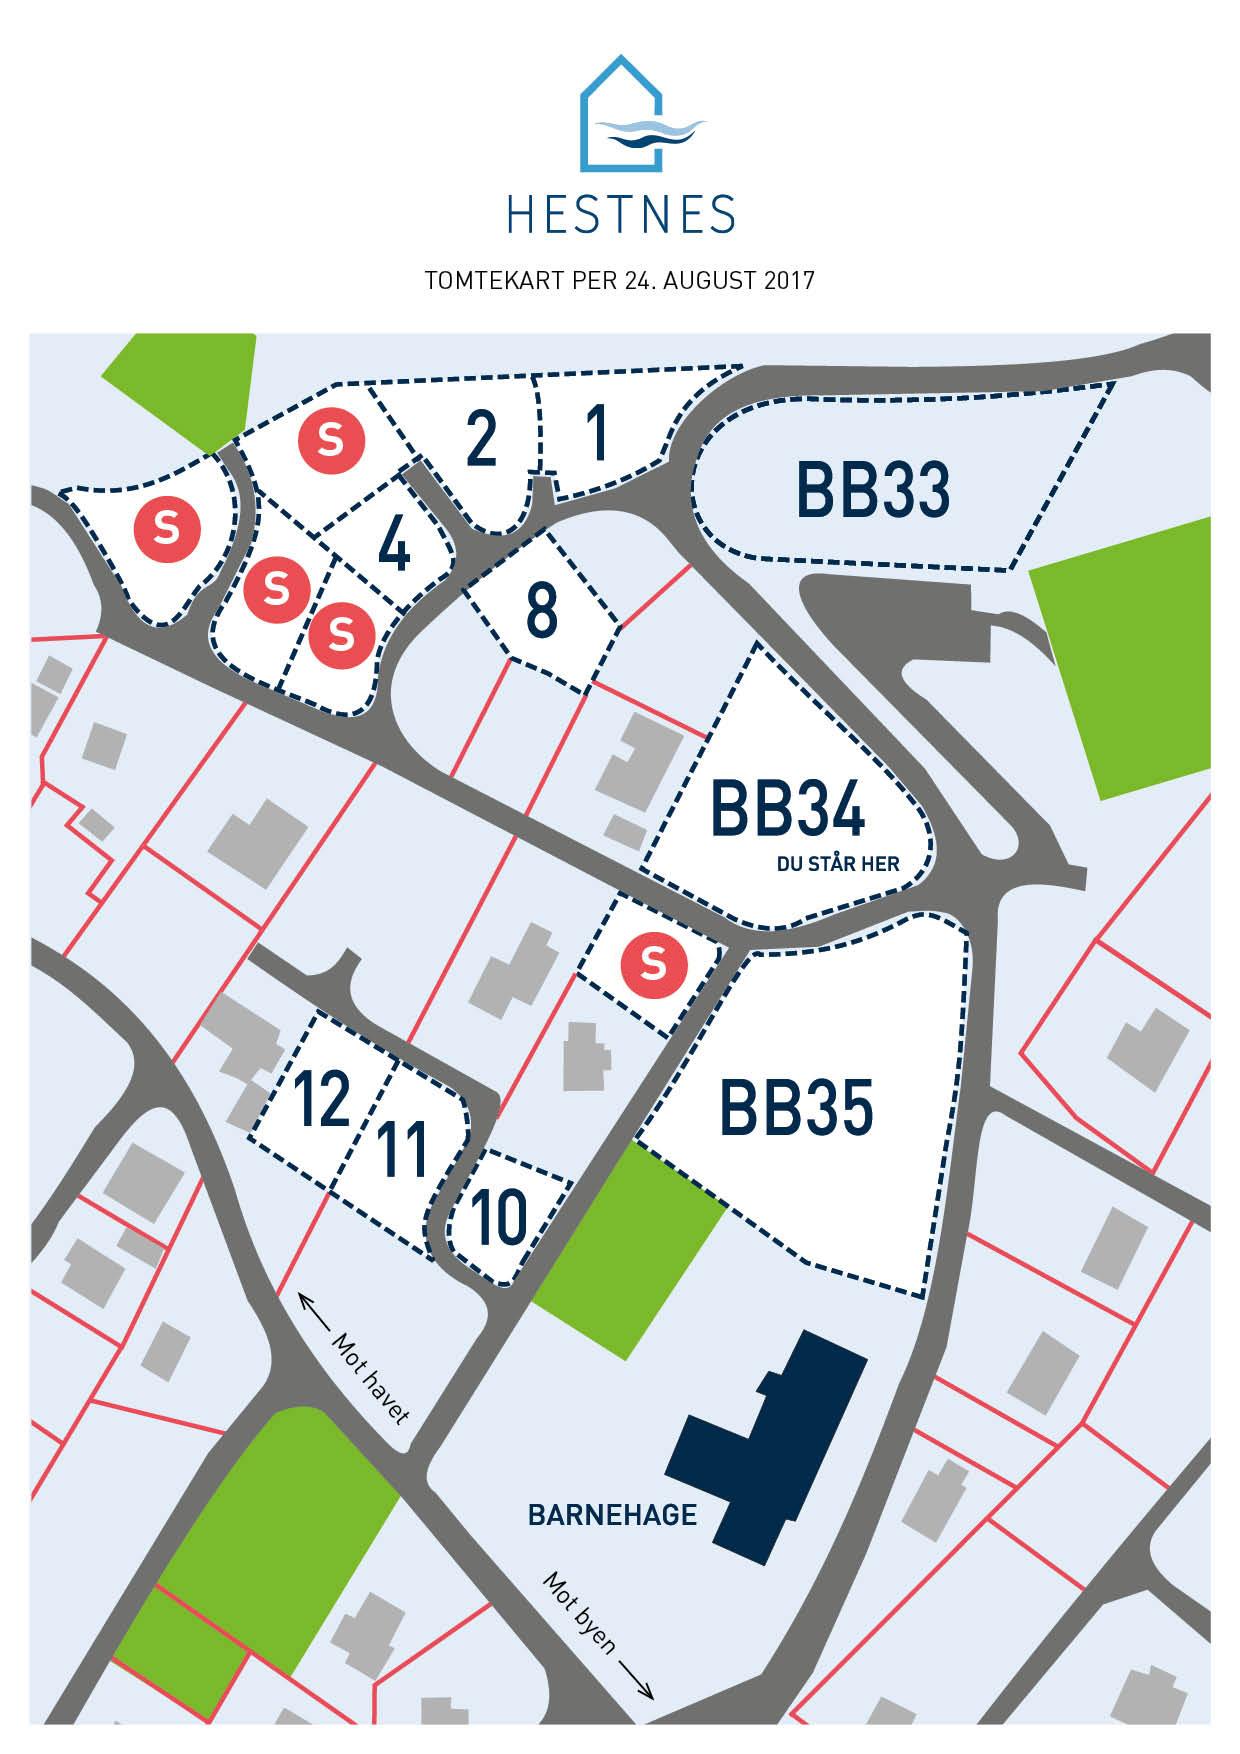 Kart over ledige tomter i Hestnes